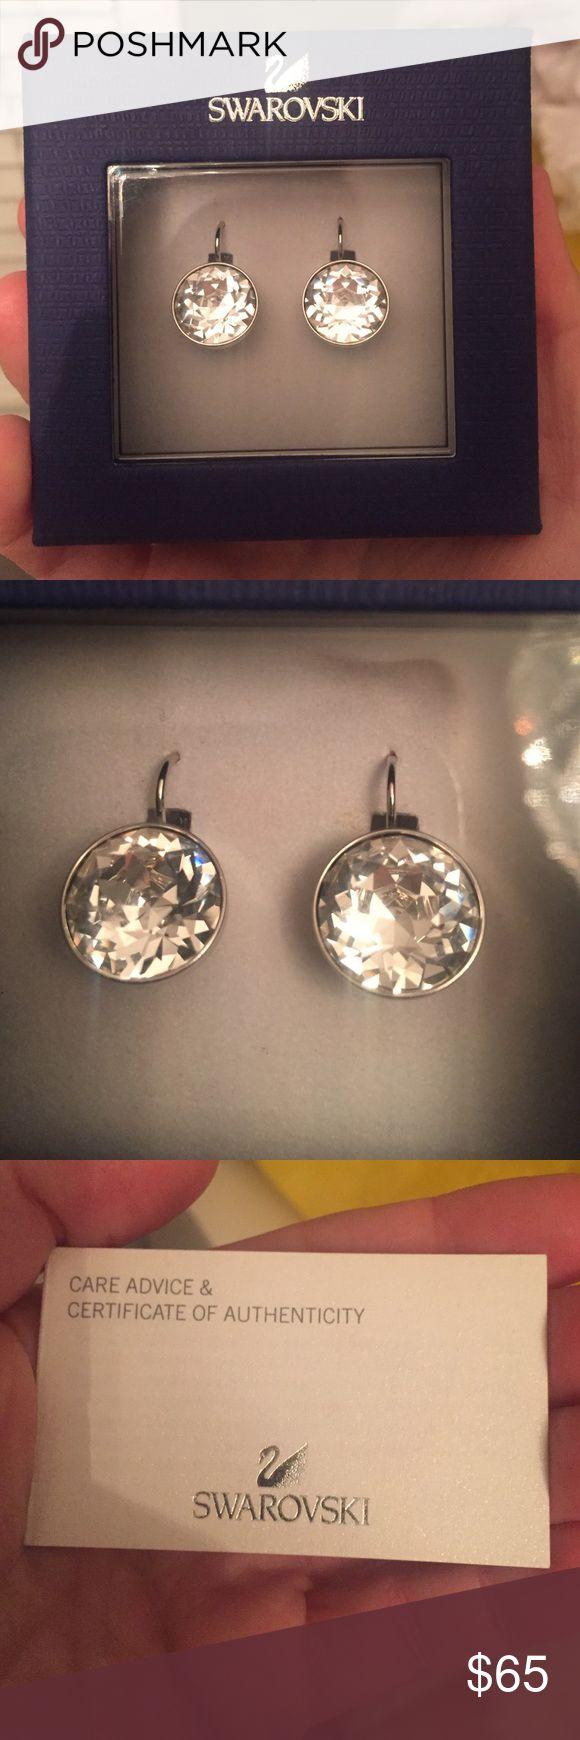 Swarovski Bella pierced earring Beautiful Swarovski crystal earrings new with box Swarovski Jewelry Earrings